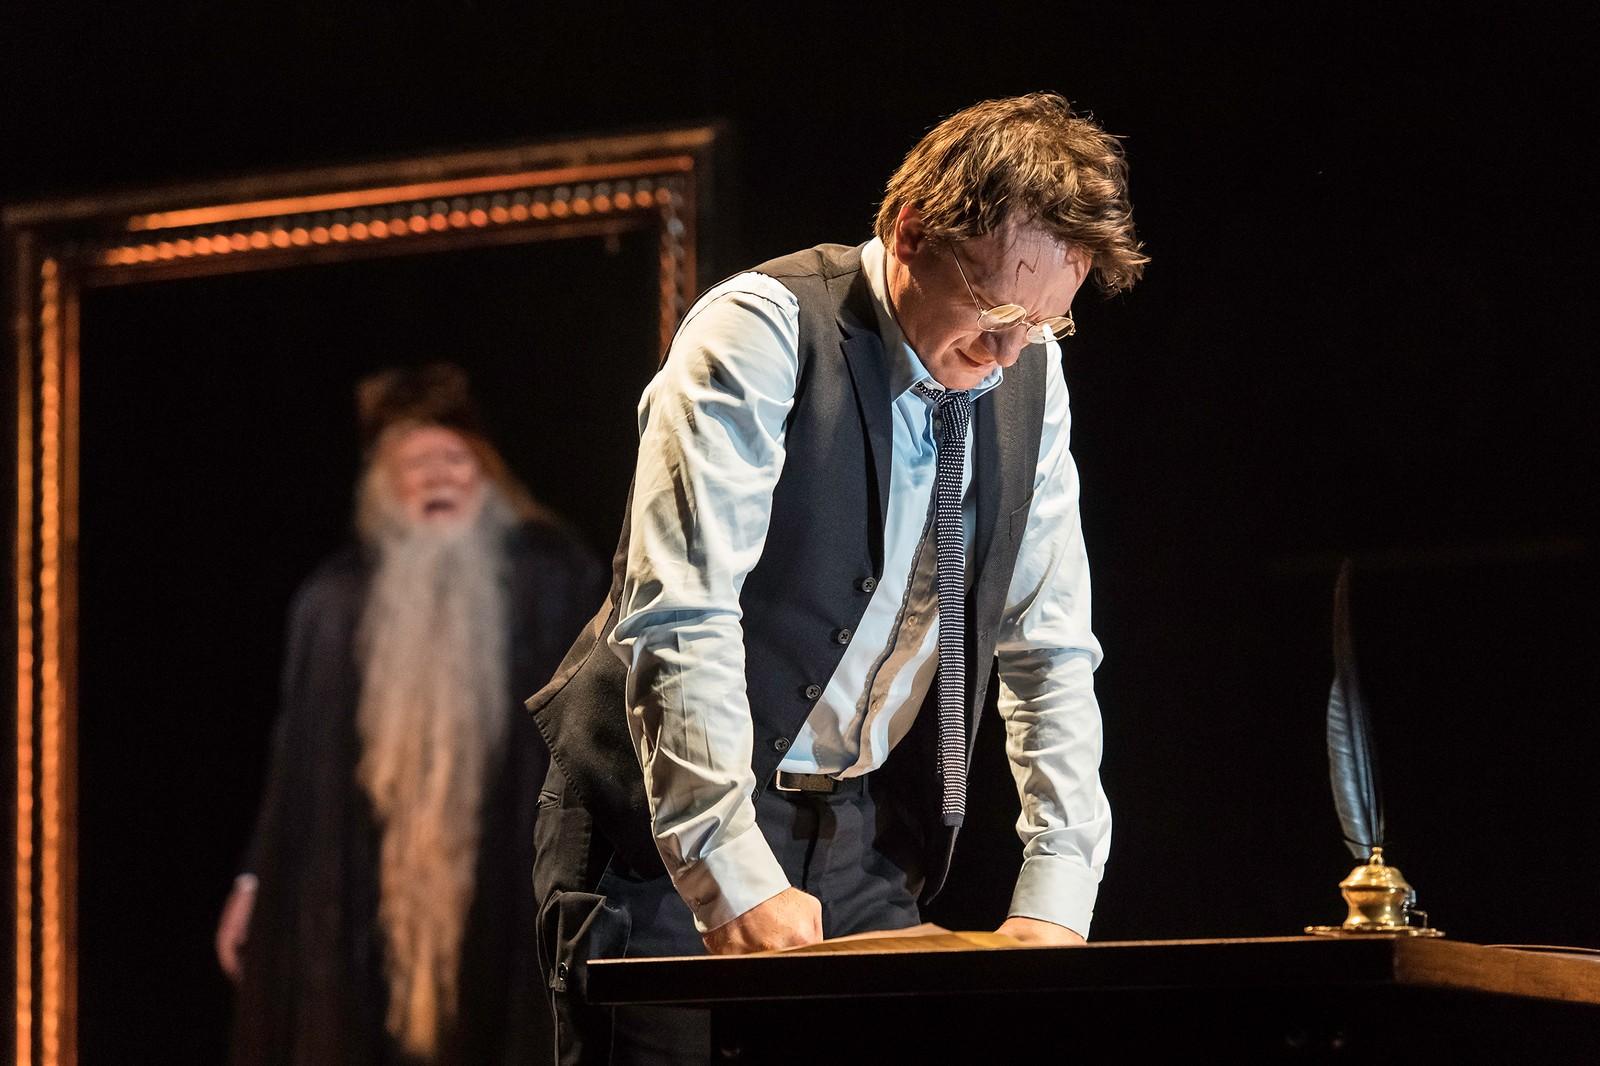 GODE ANMELDELSER: Teaterstykket «Harry Potter and the Cursed Child» har fått svært gode anmeldelser i britiske medier.